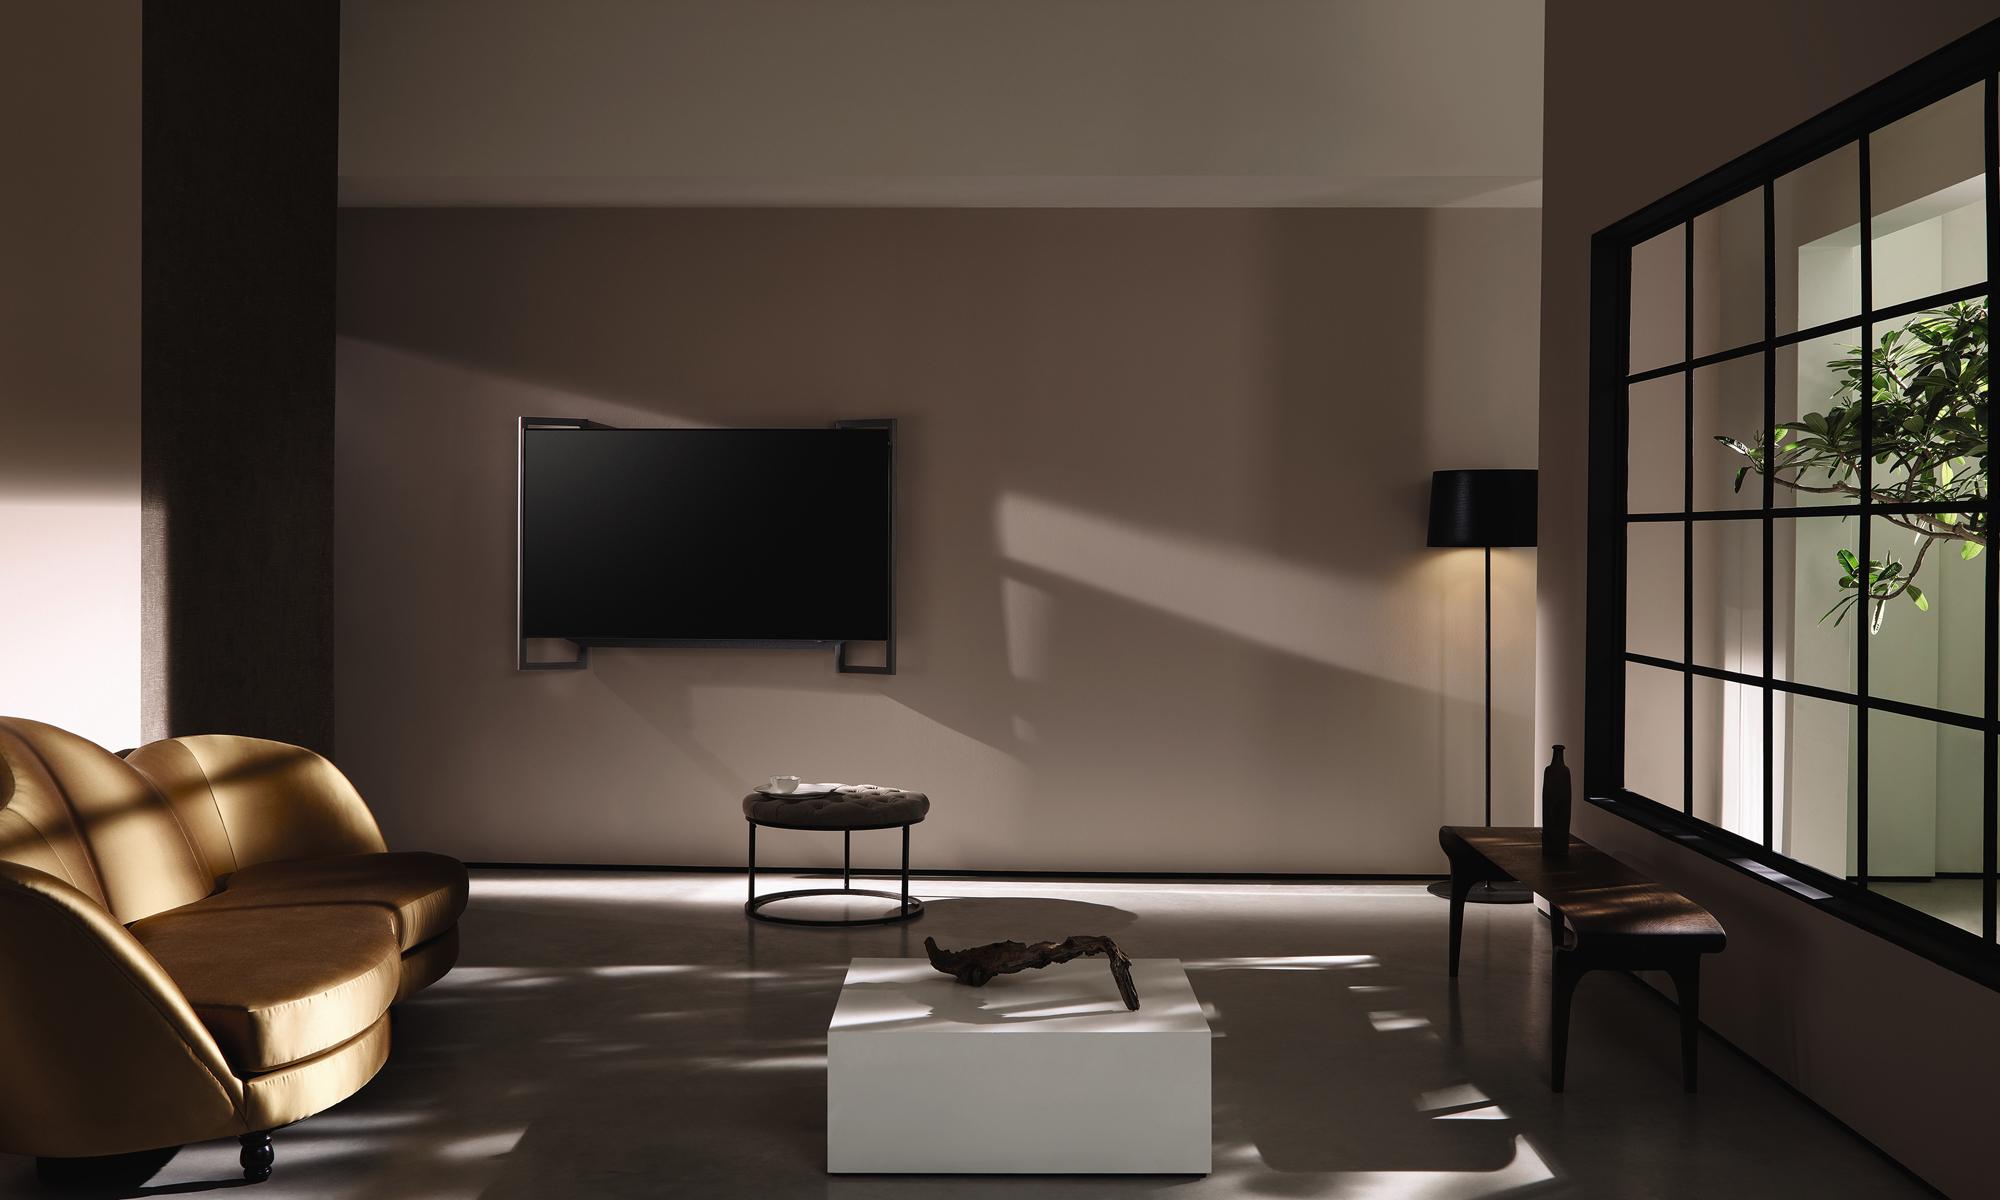 Hitzler.tv Wohnzimmer